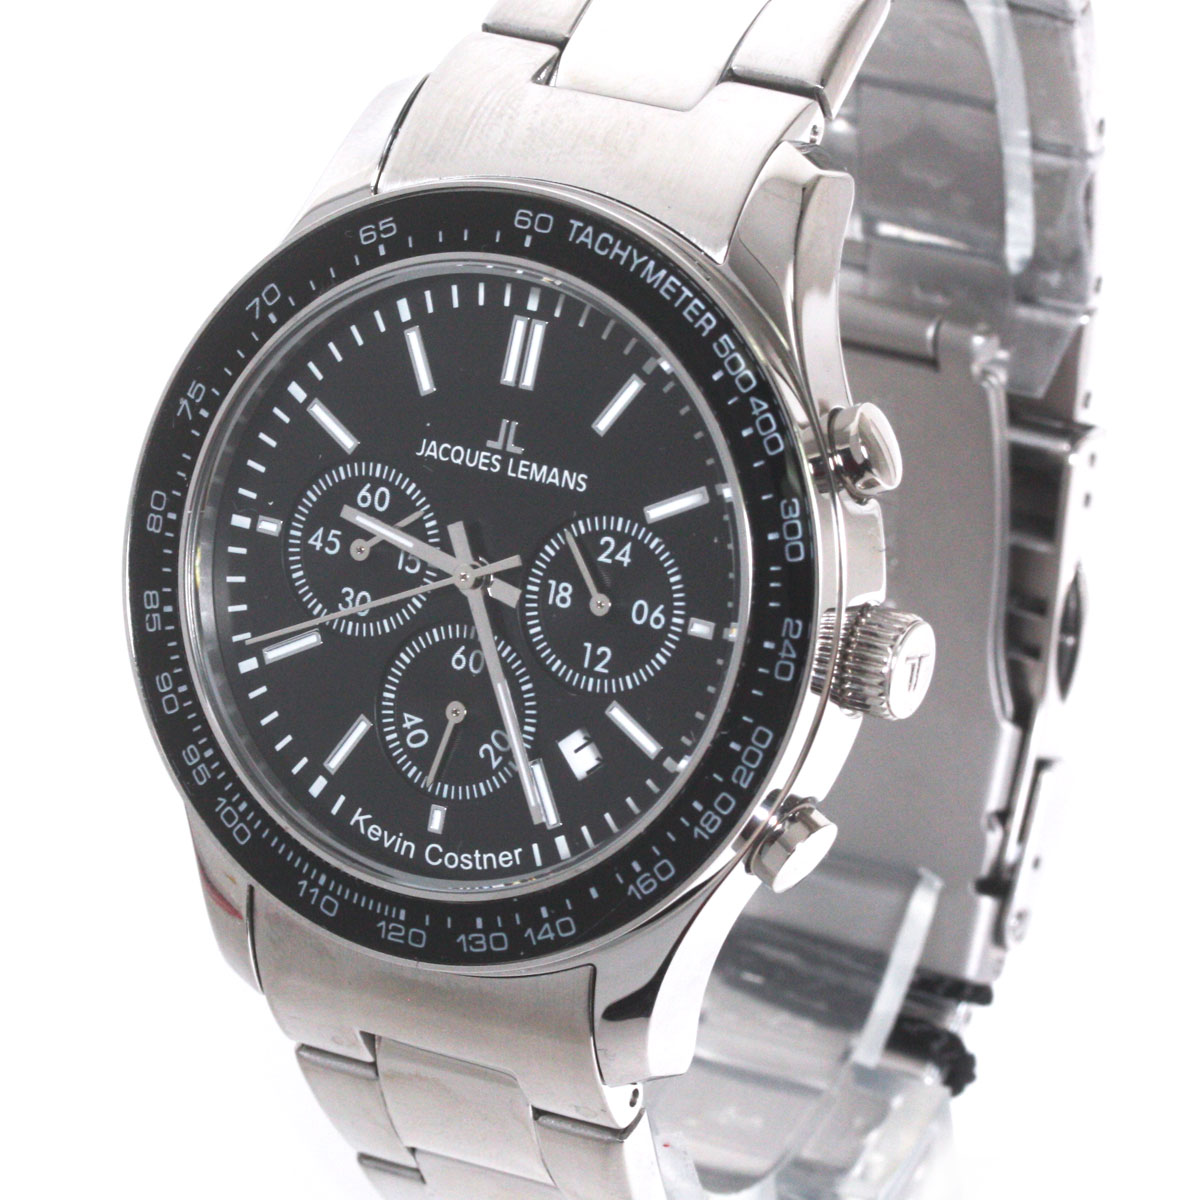 【新品】【送料無料】JACQUES LEMAN ジャックルマン 腕時計 11-1586-8 ケビンコスナー・コレクション クォーツ クロノグラフ デイト